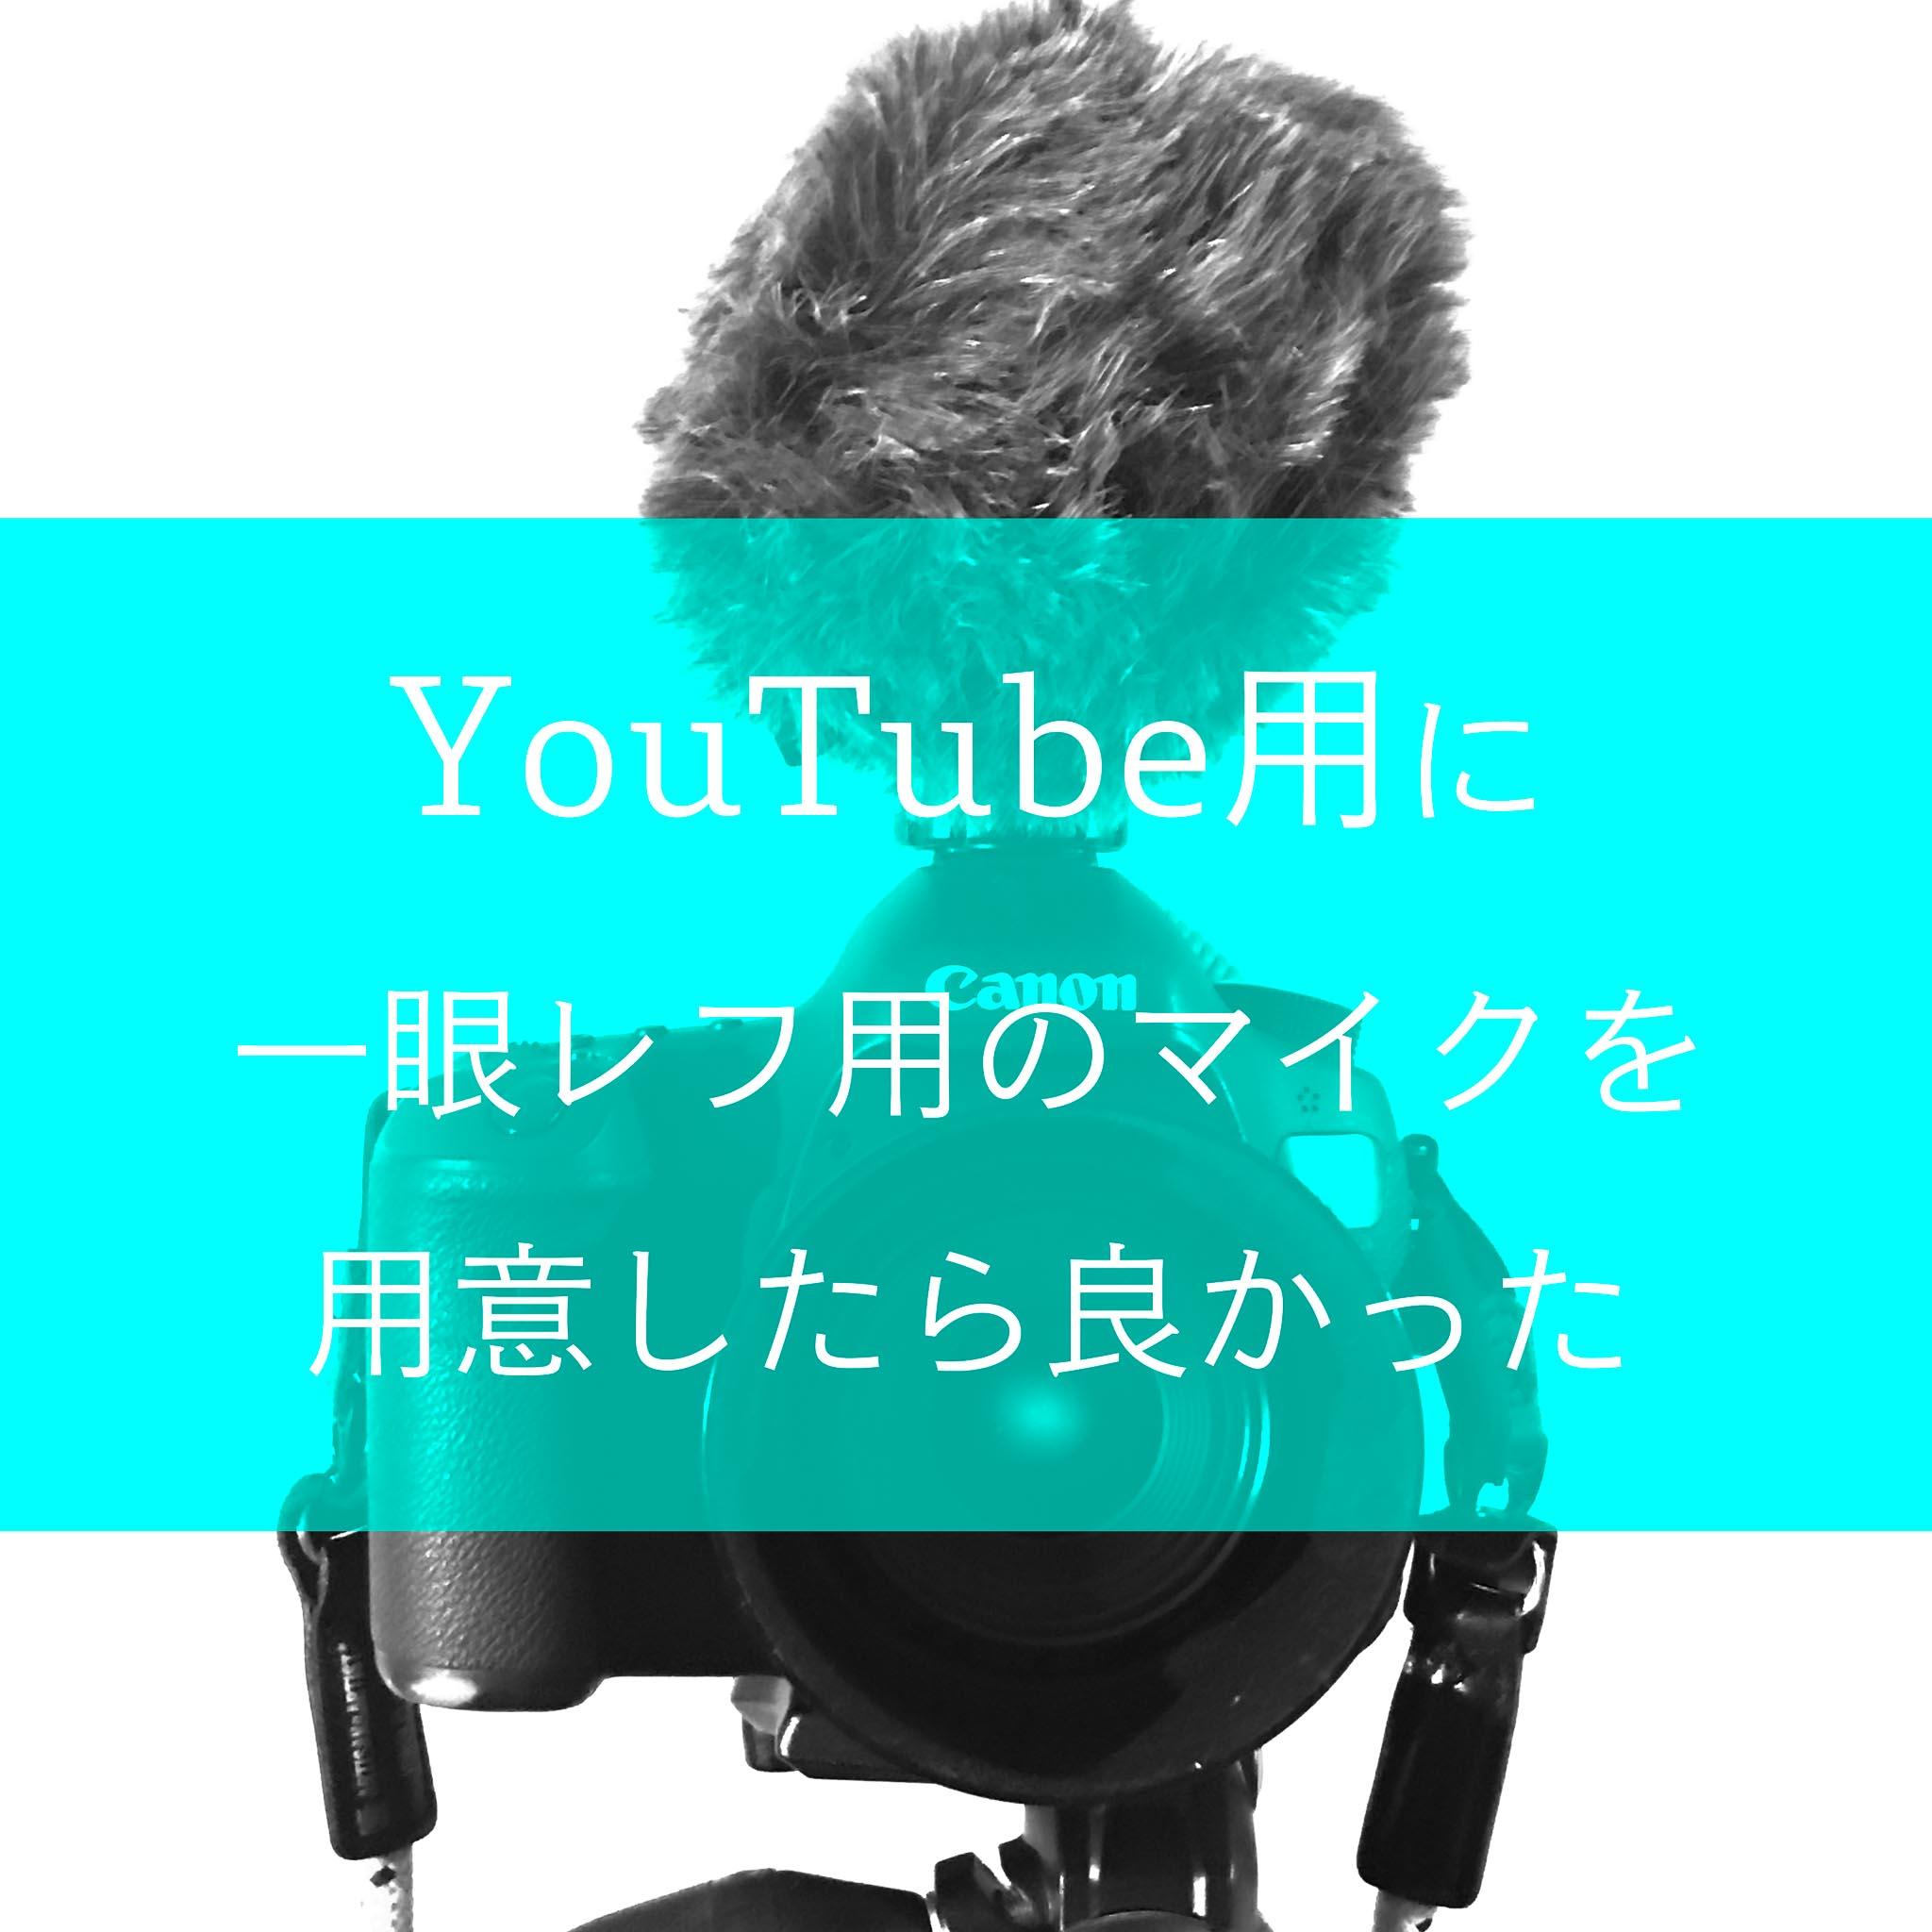 YouTube用に一眼レフ用のマイクを用意したら良かった